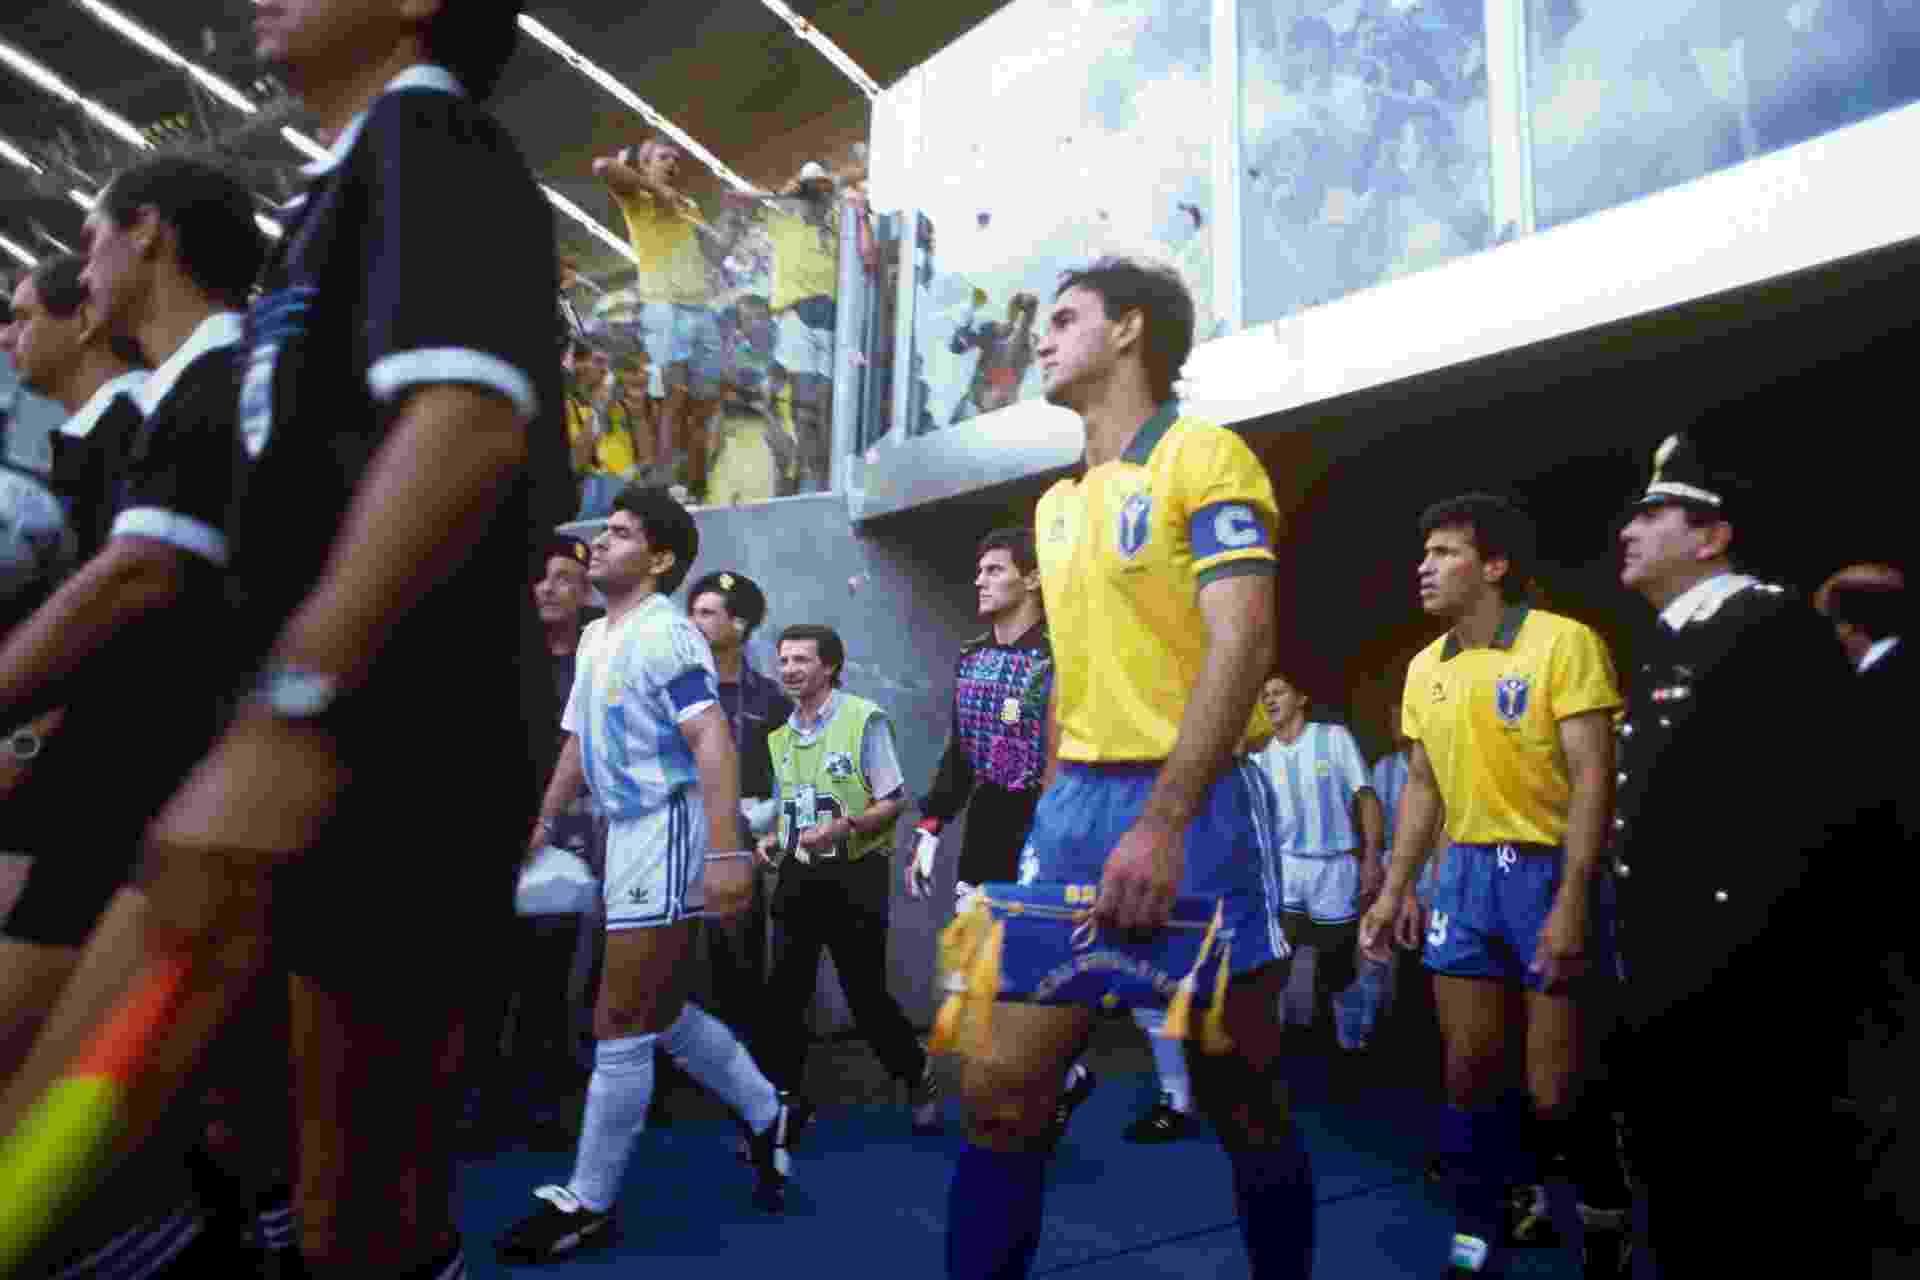 Seleção Brasileira e Argentina entram em campo para as oitavas de final da Copa do Mundo de 1990 - undefined